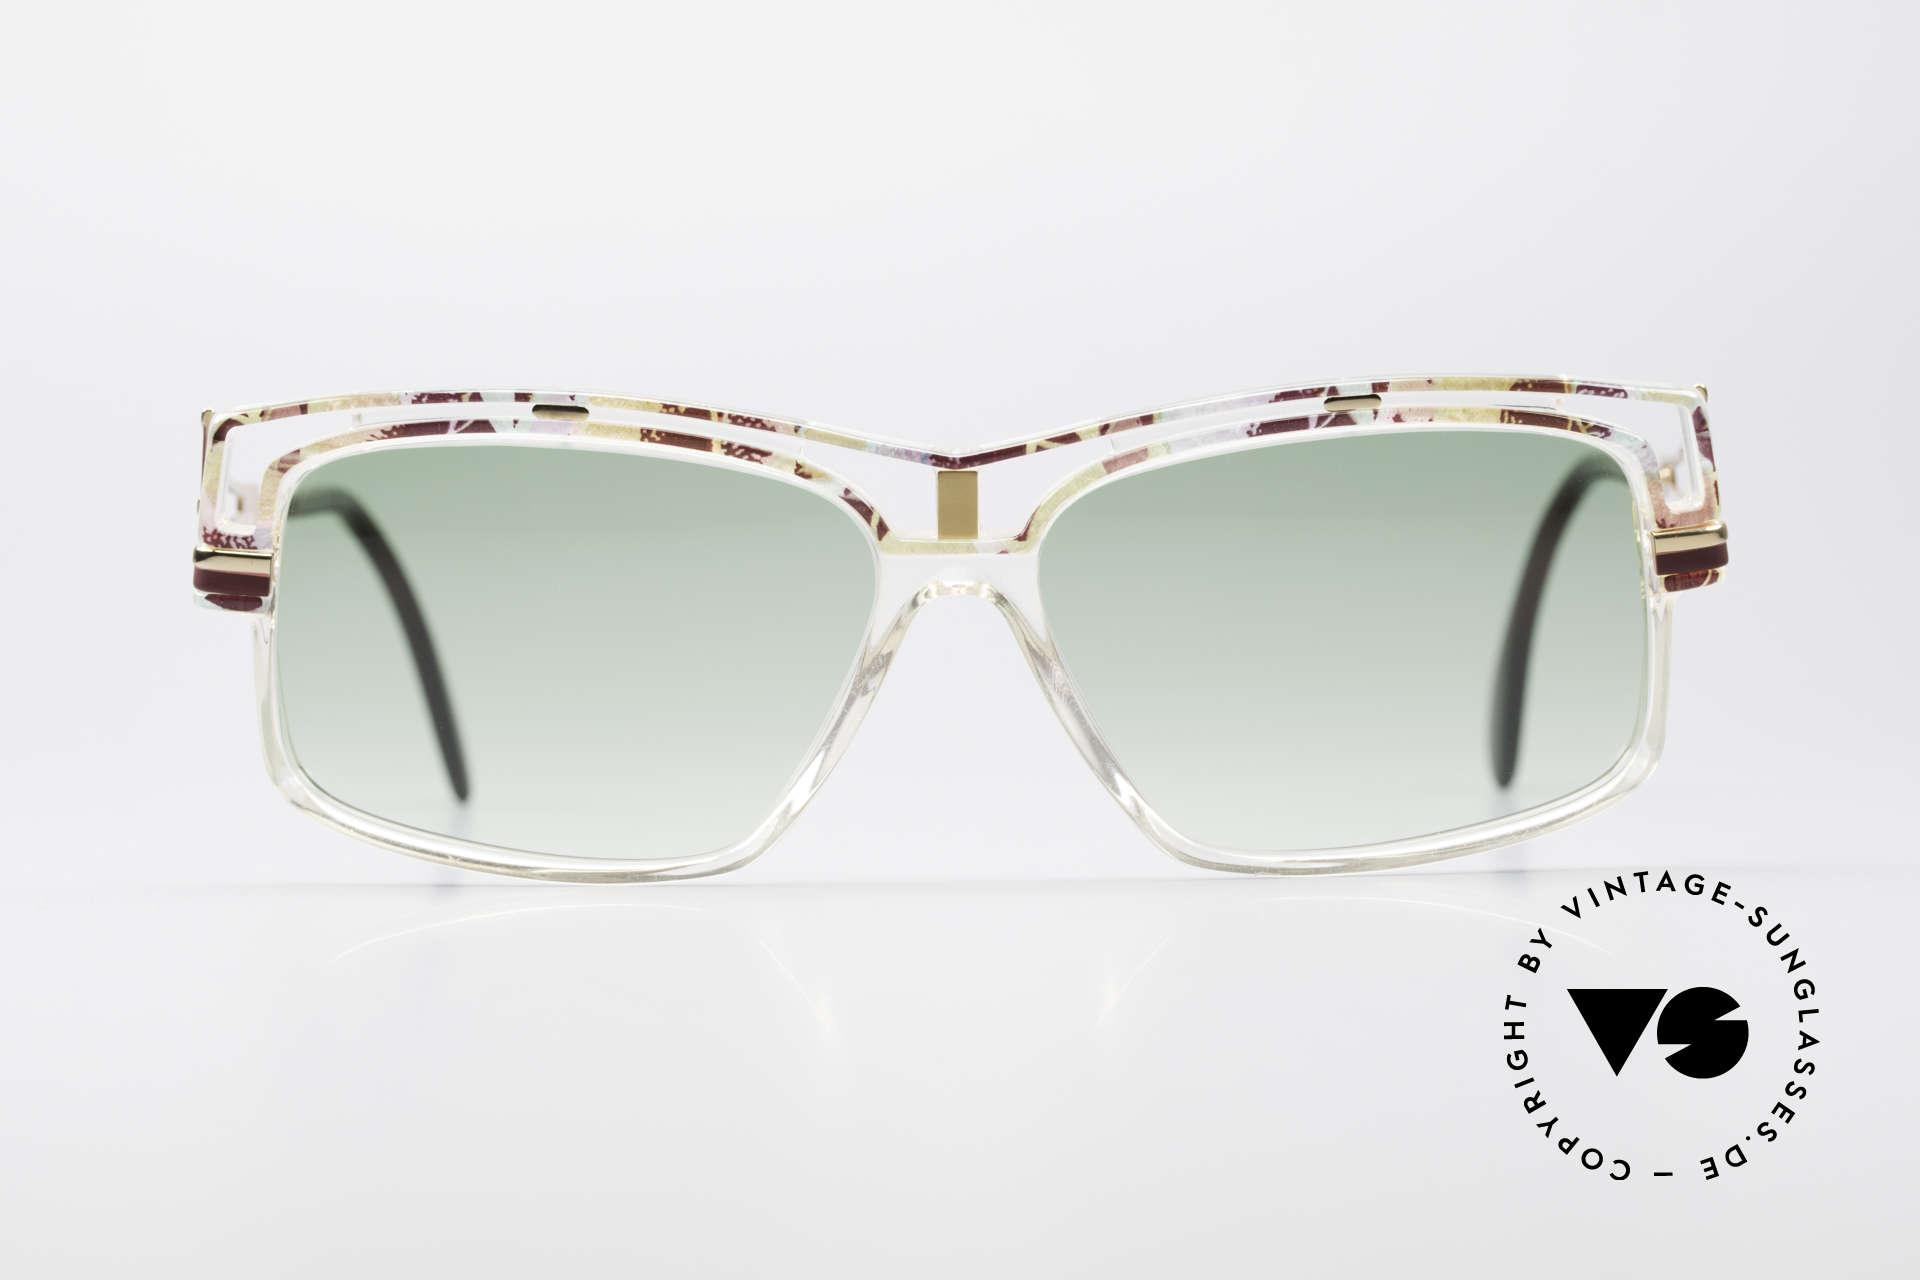 Cazal 365 No Retro 90er Hip Hop Brille, geniale Kombination v. Farben, Form & Materialien, Passend für Herren und Damen